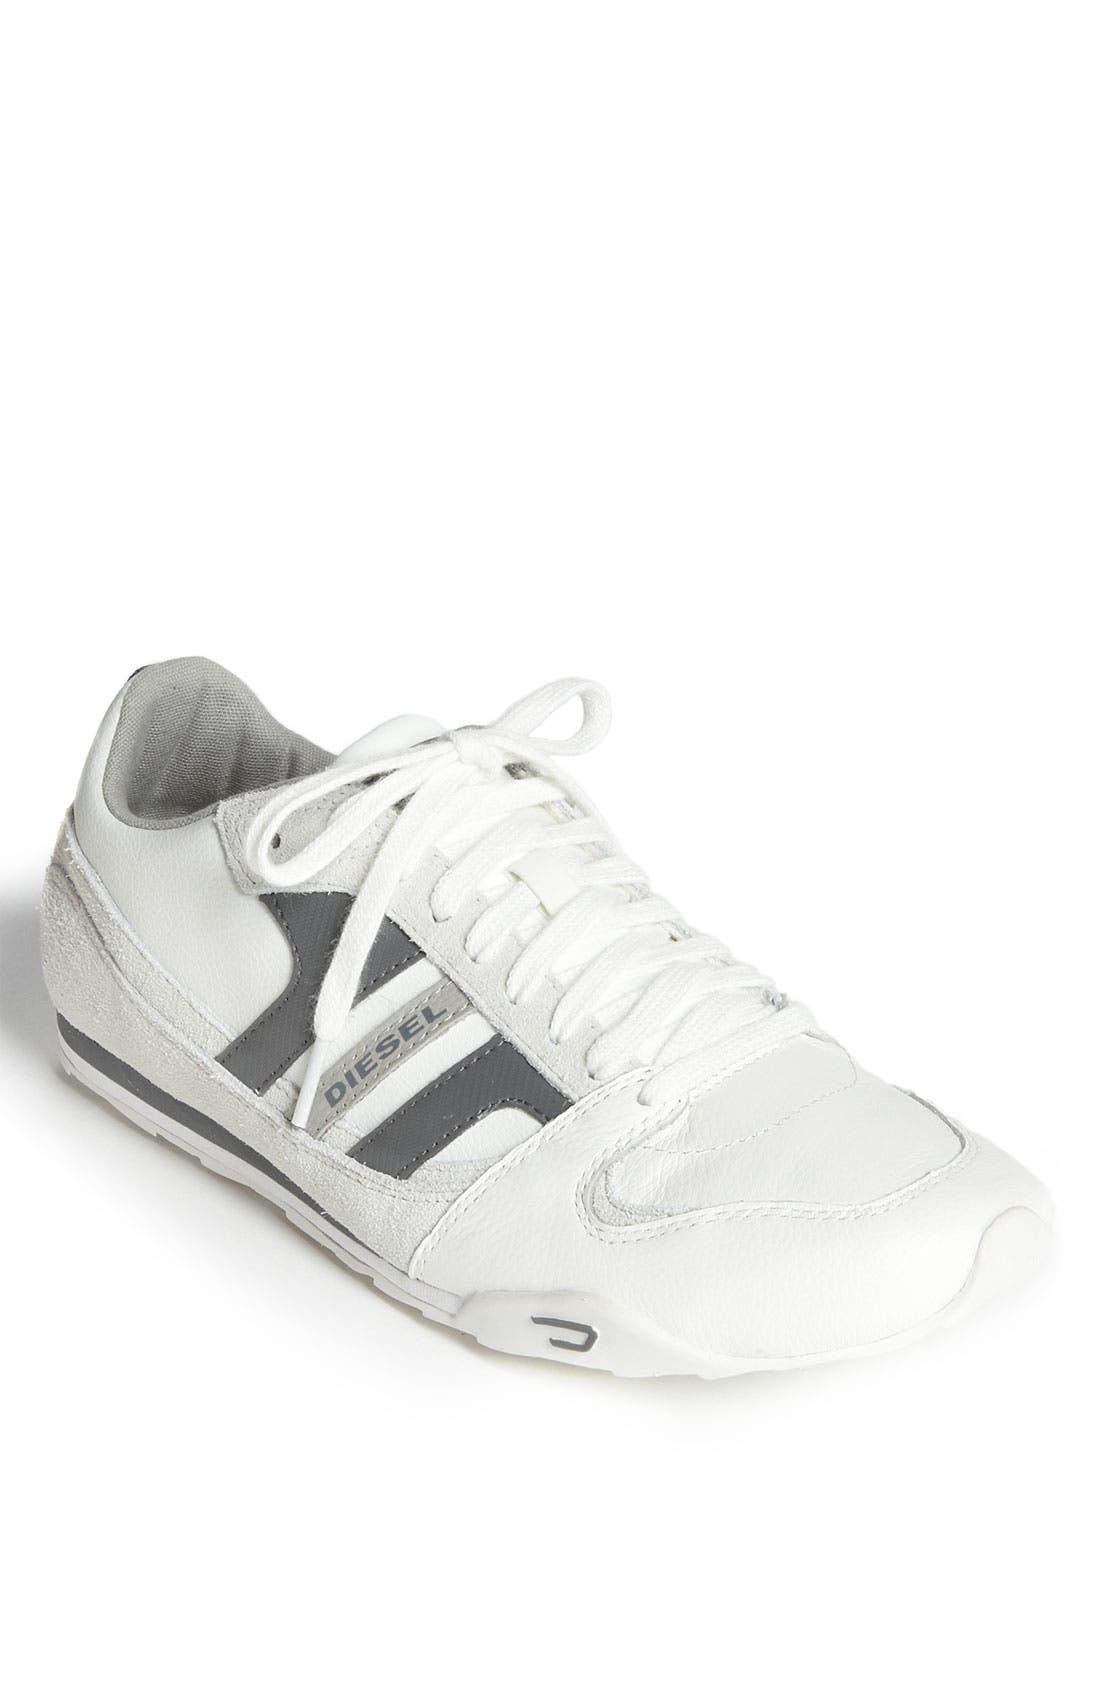 Alternate Image 1 Selected - DIESEL® 'Long Term Gunner' Sneaker